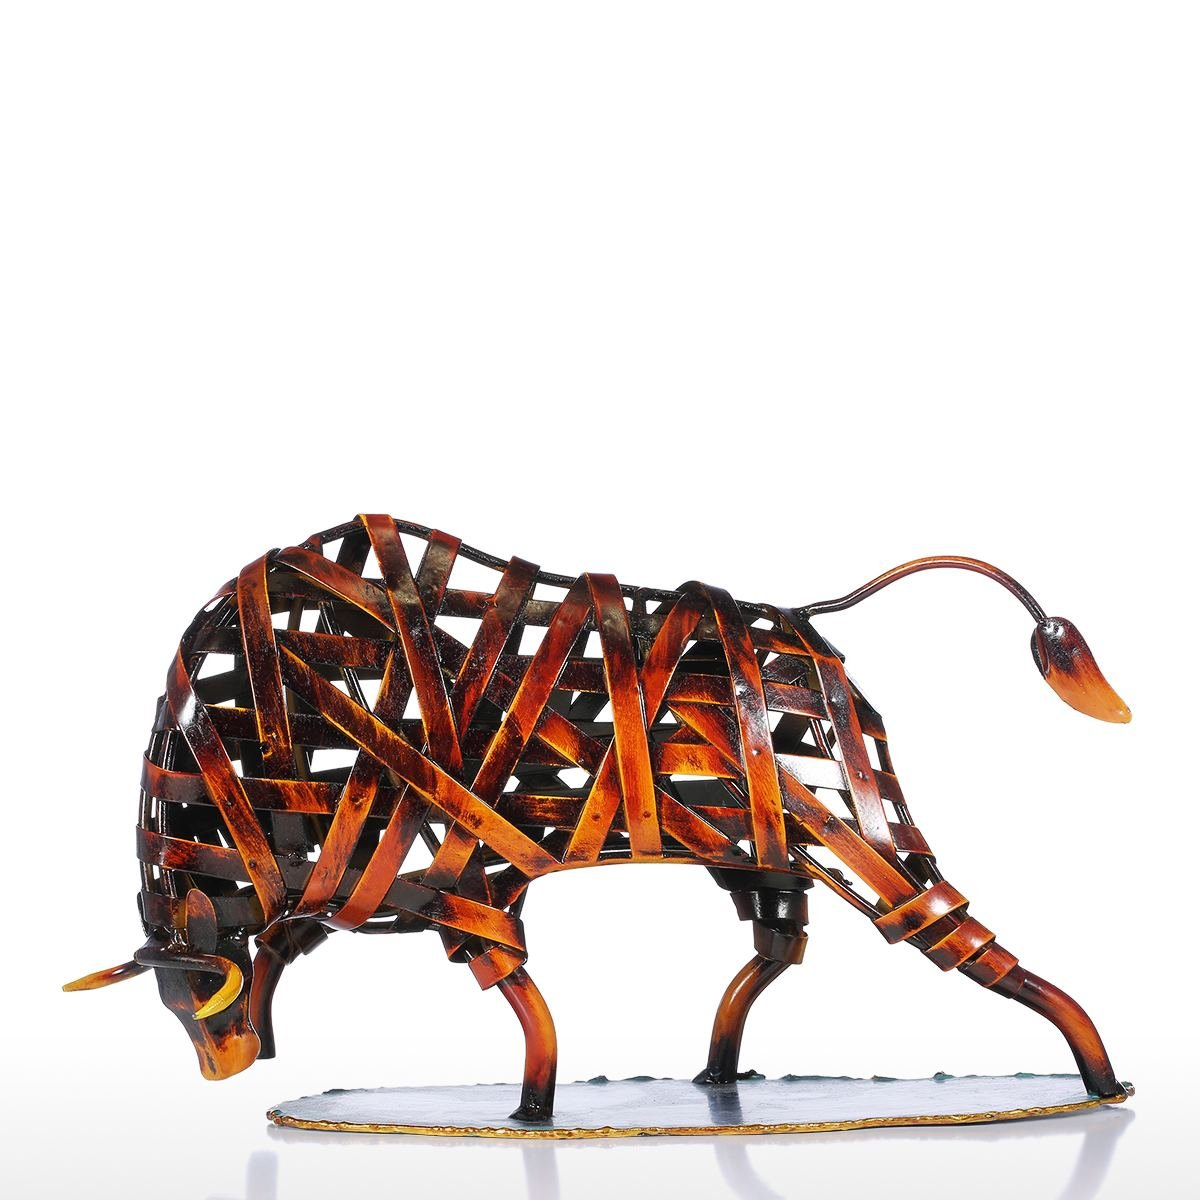 Tooarts Vache Tressées SculptureenMétal Sculpture Abstraite Maison Ameublement Articles Artisanat Rouge